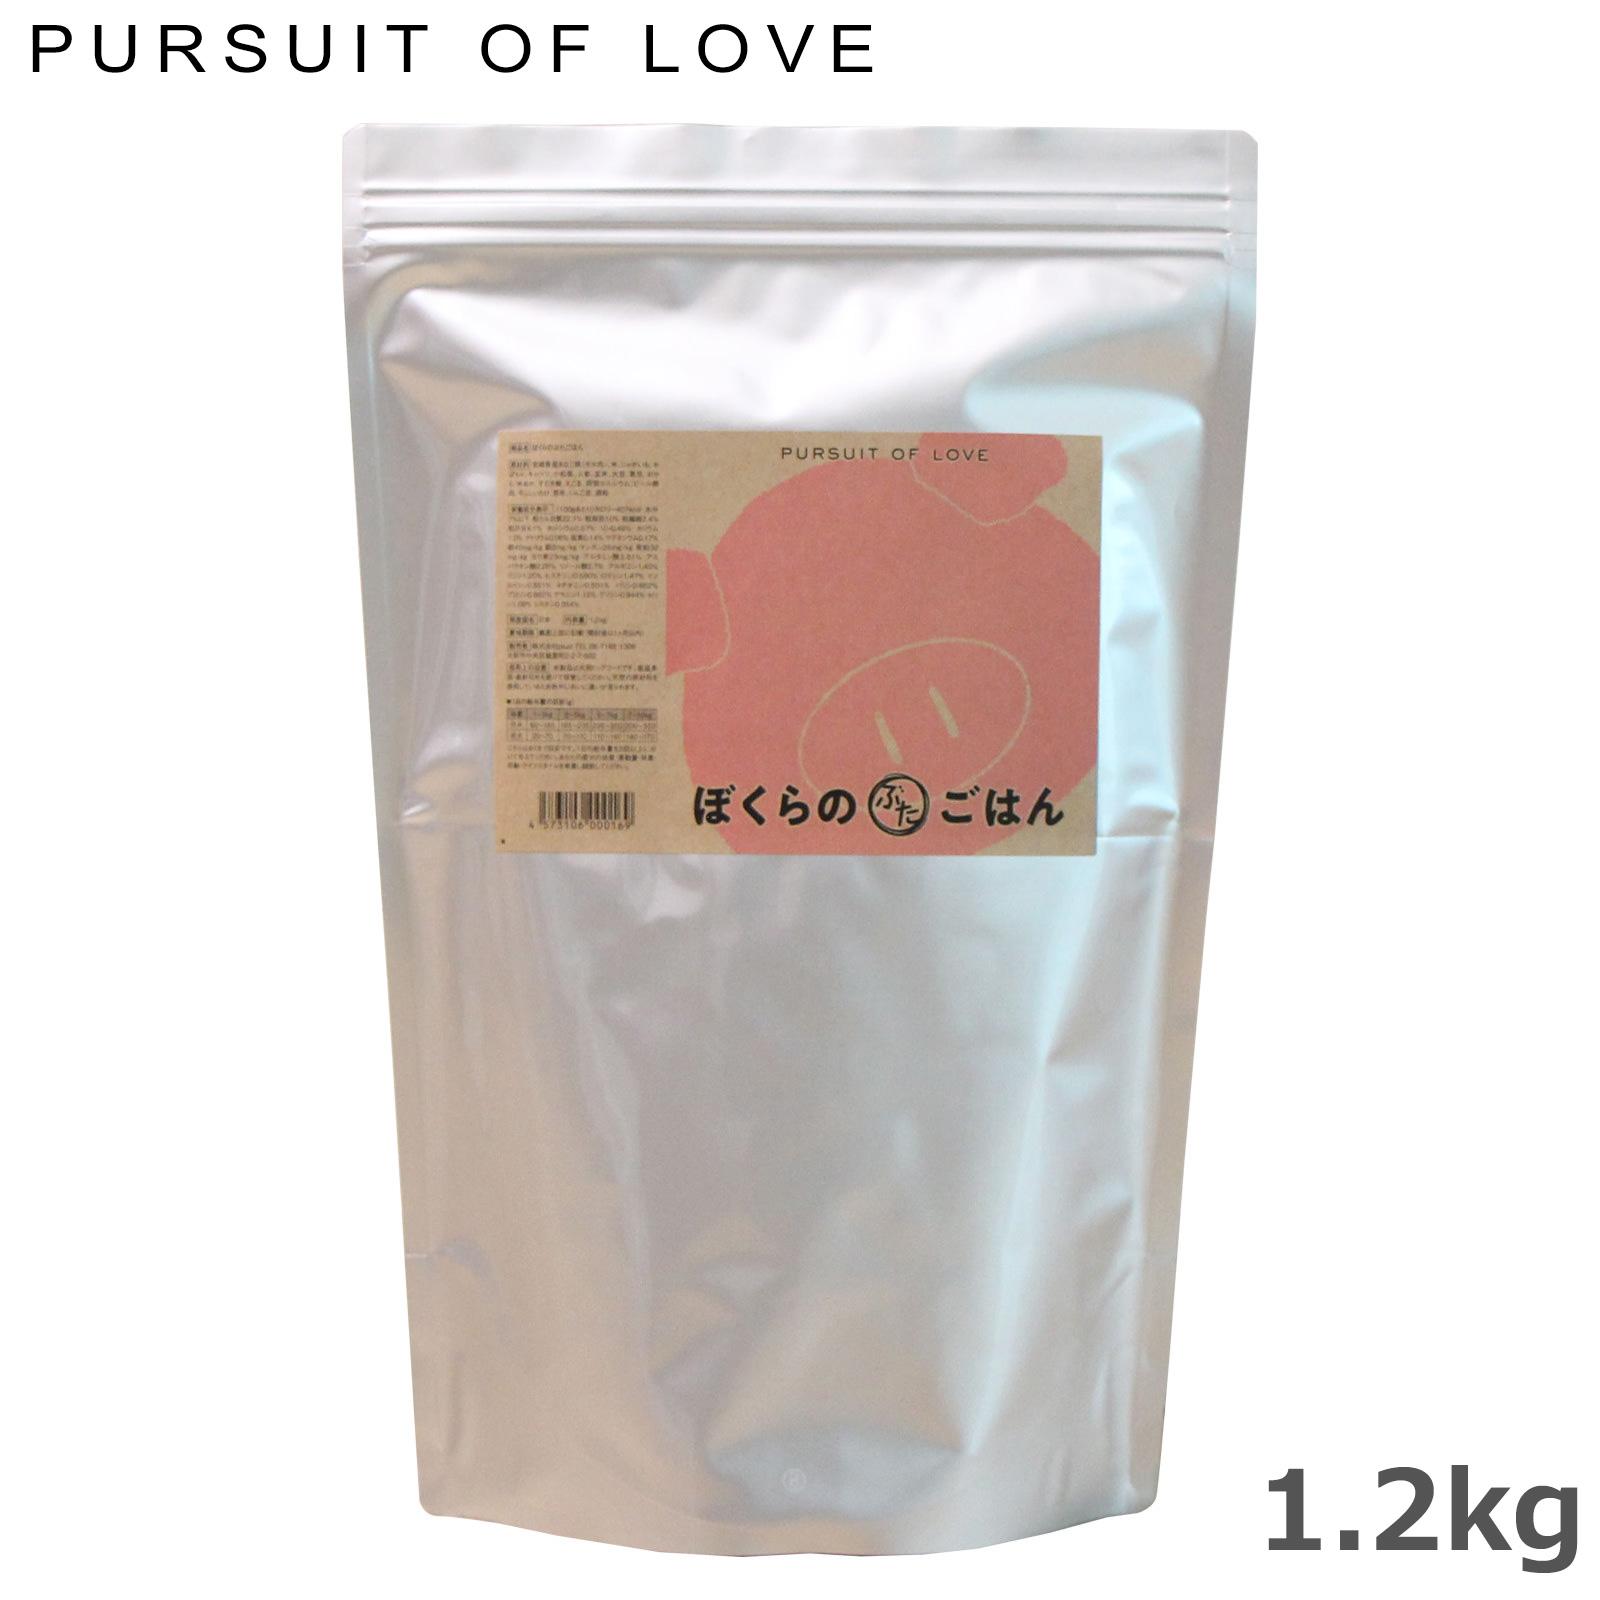 パシュートオブラブ PURSUIT OF LOVE ぼくらのぶたごはん 1.2kg